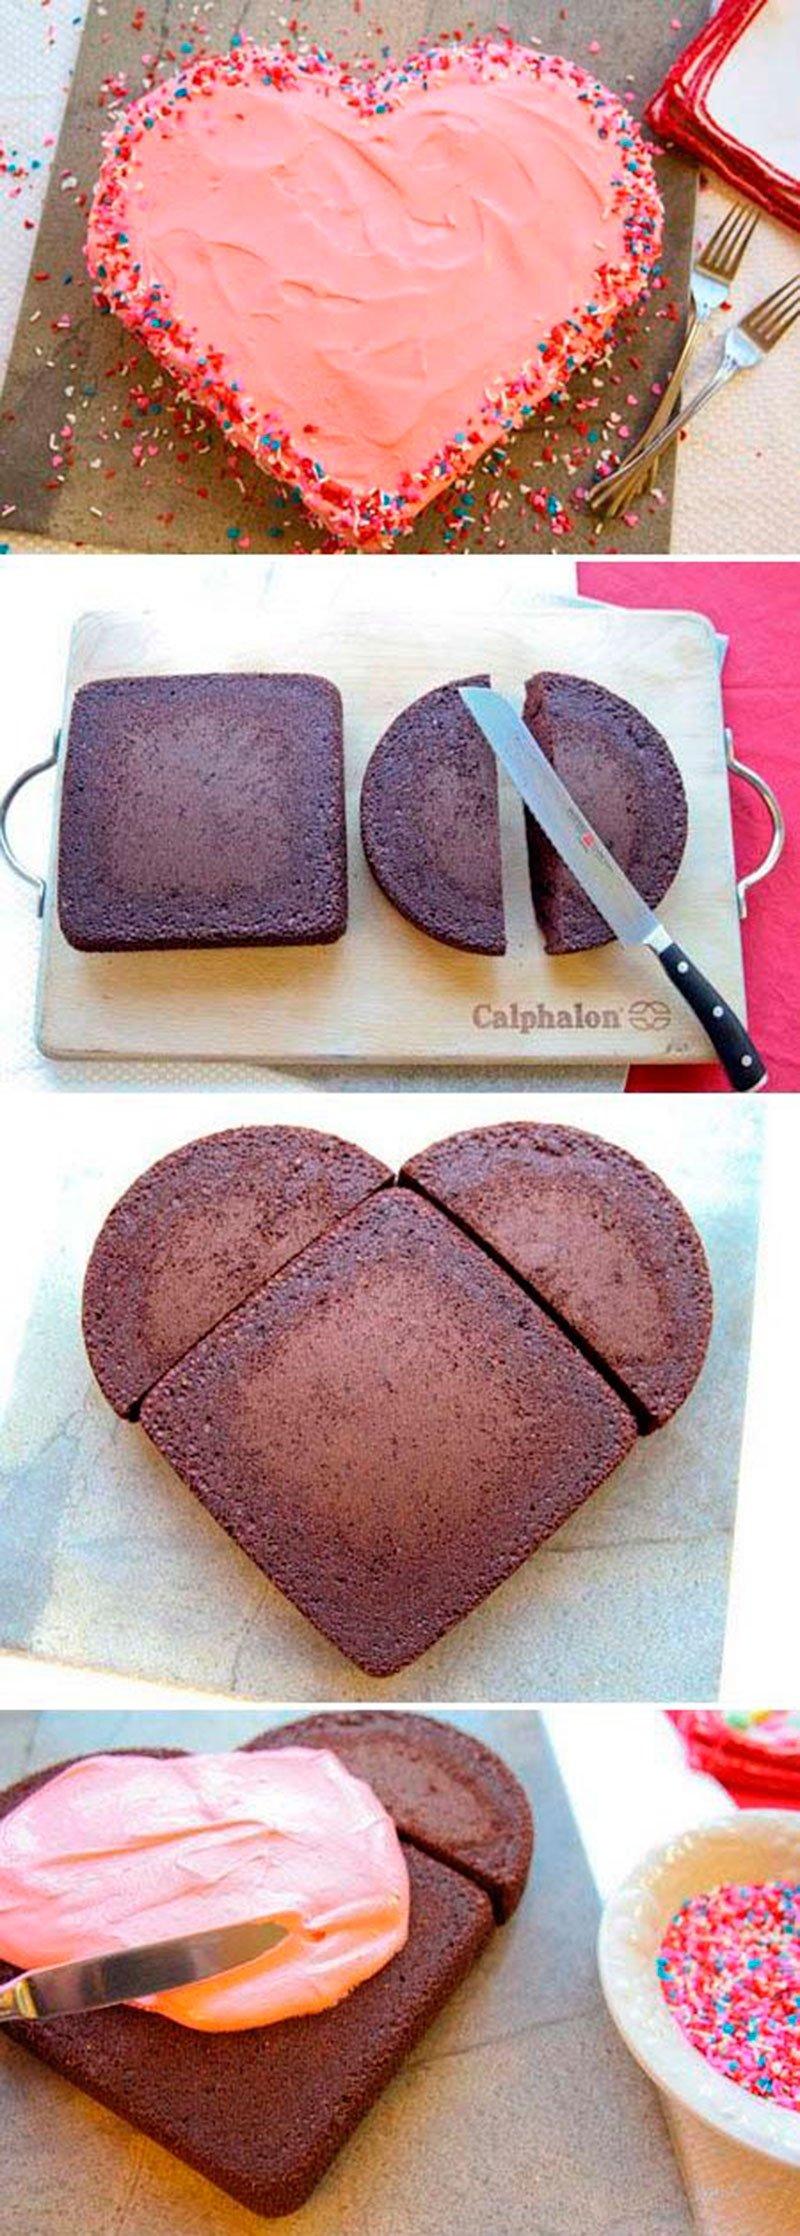 cake tutorials 10